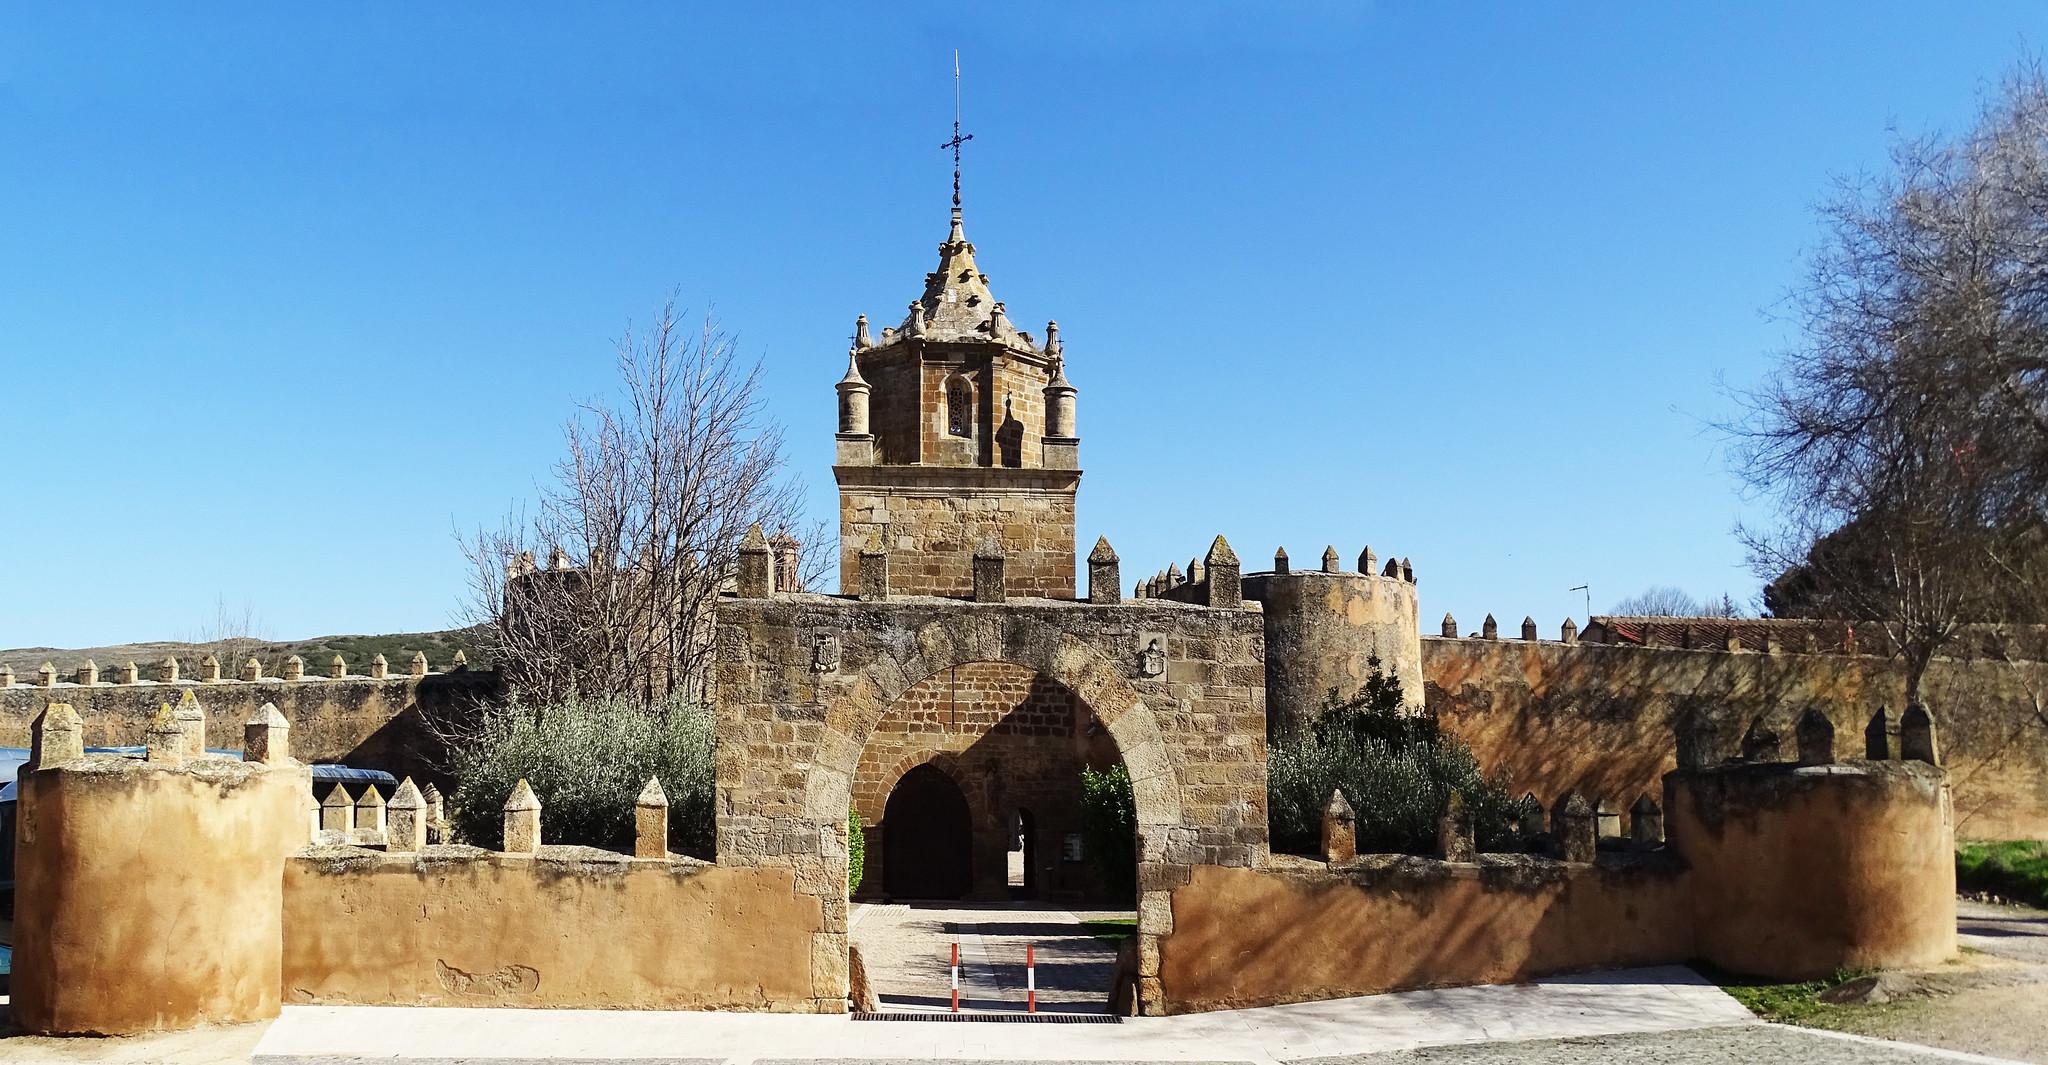 entrada muralla exterior Real Monasterio de Santa Maria de Veruela Zaragoza